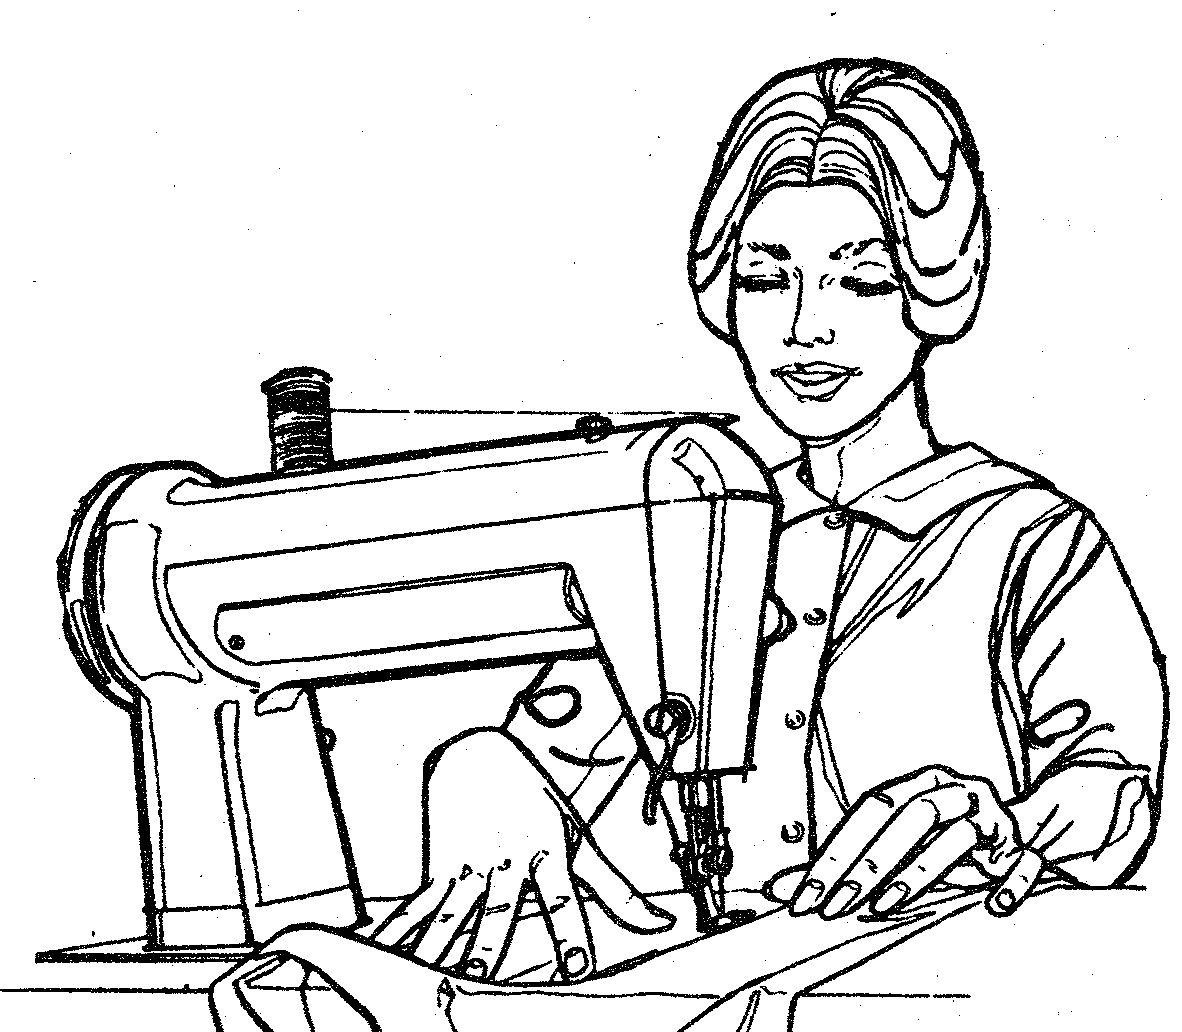 драки рисунок швея за швейной машинкой следует